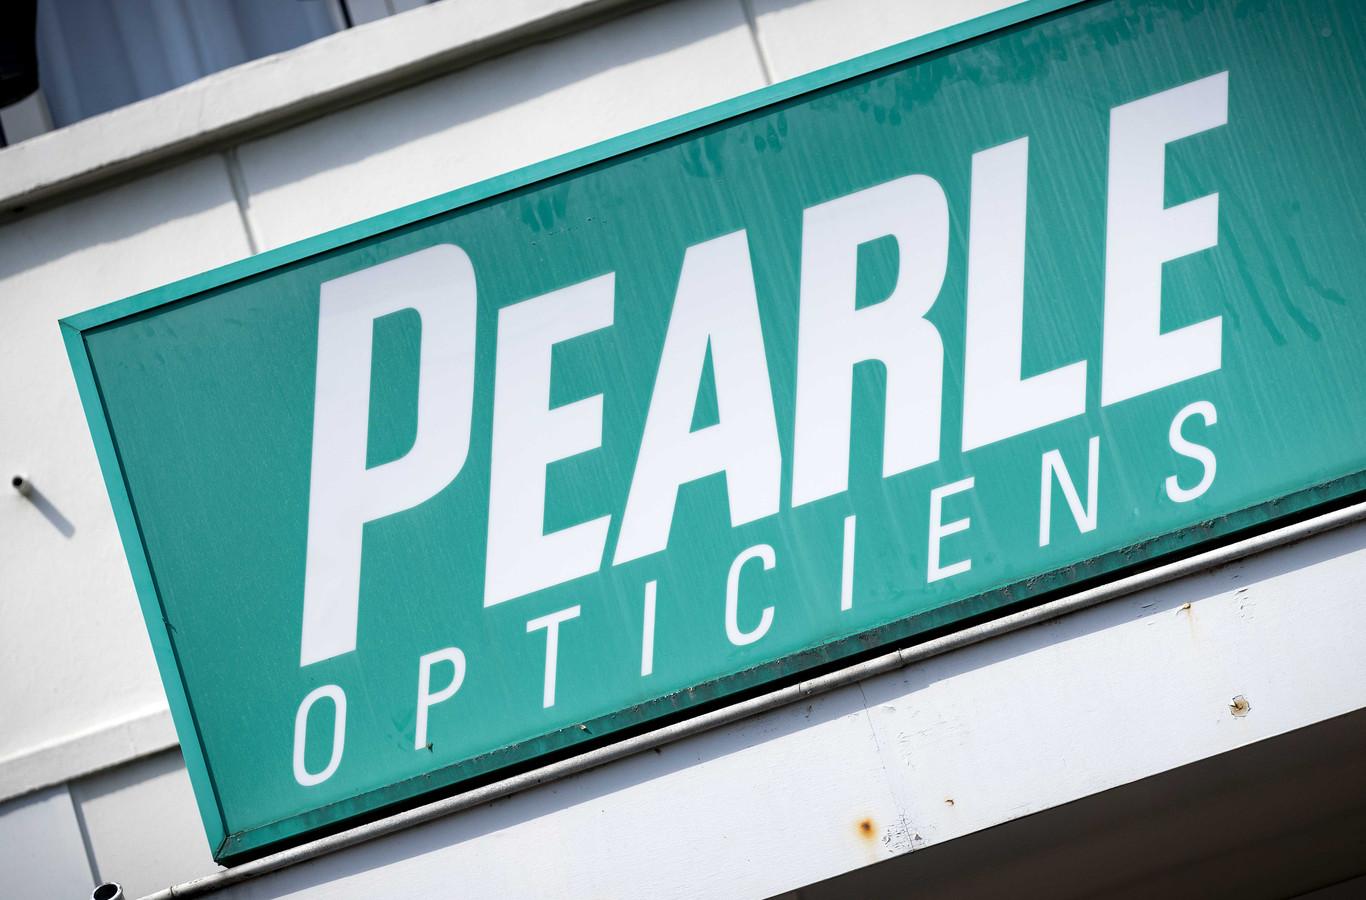 Logo van een vestiging van optiekketen Pearle Opticiens, onderdeel van moederbedrijf GrandVision.